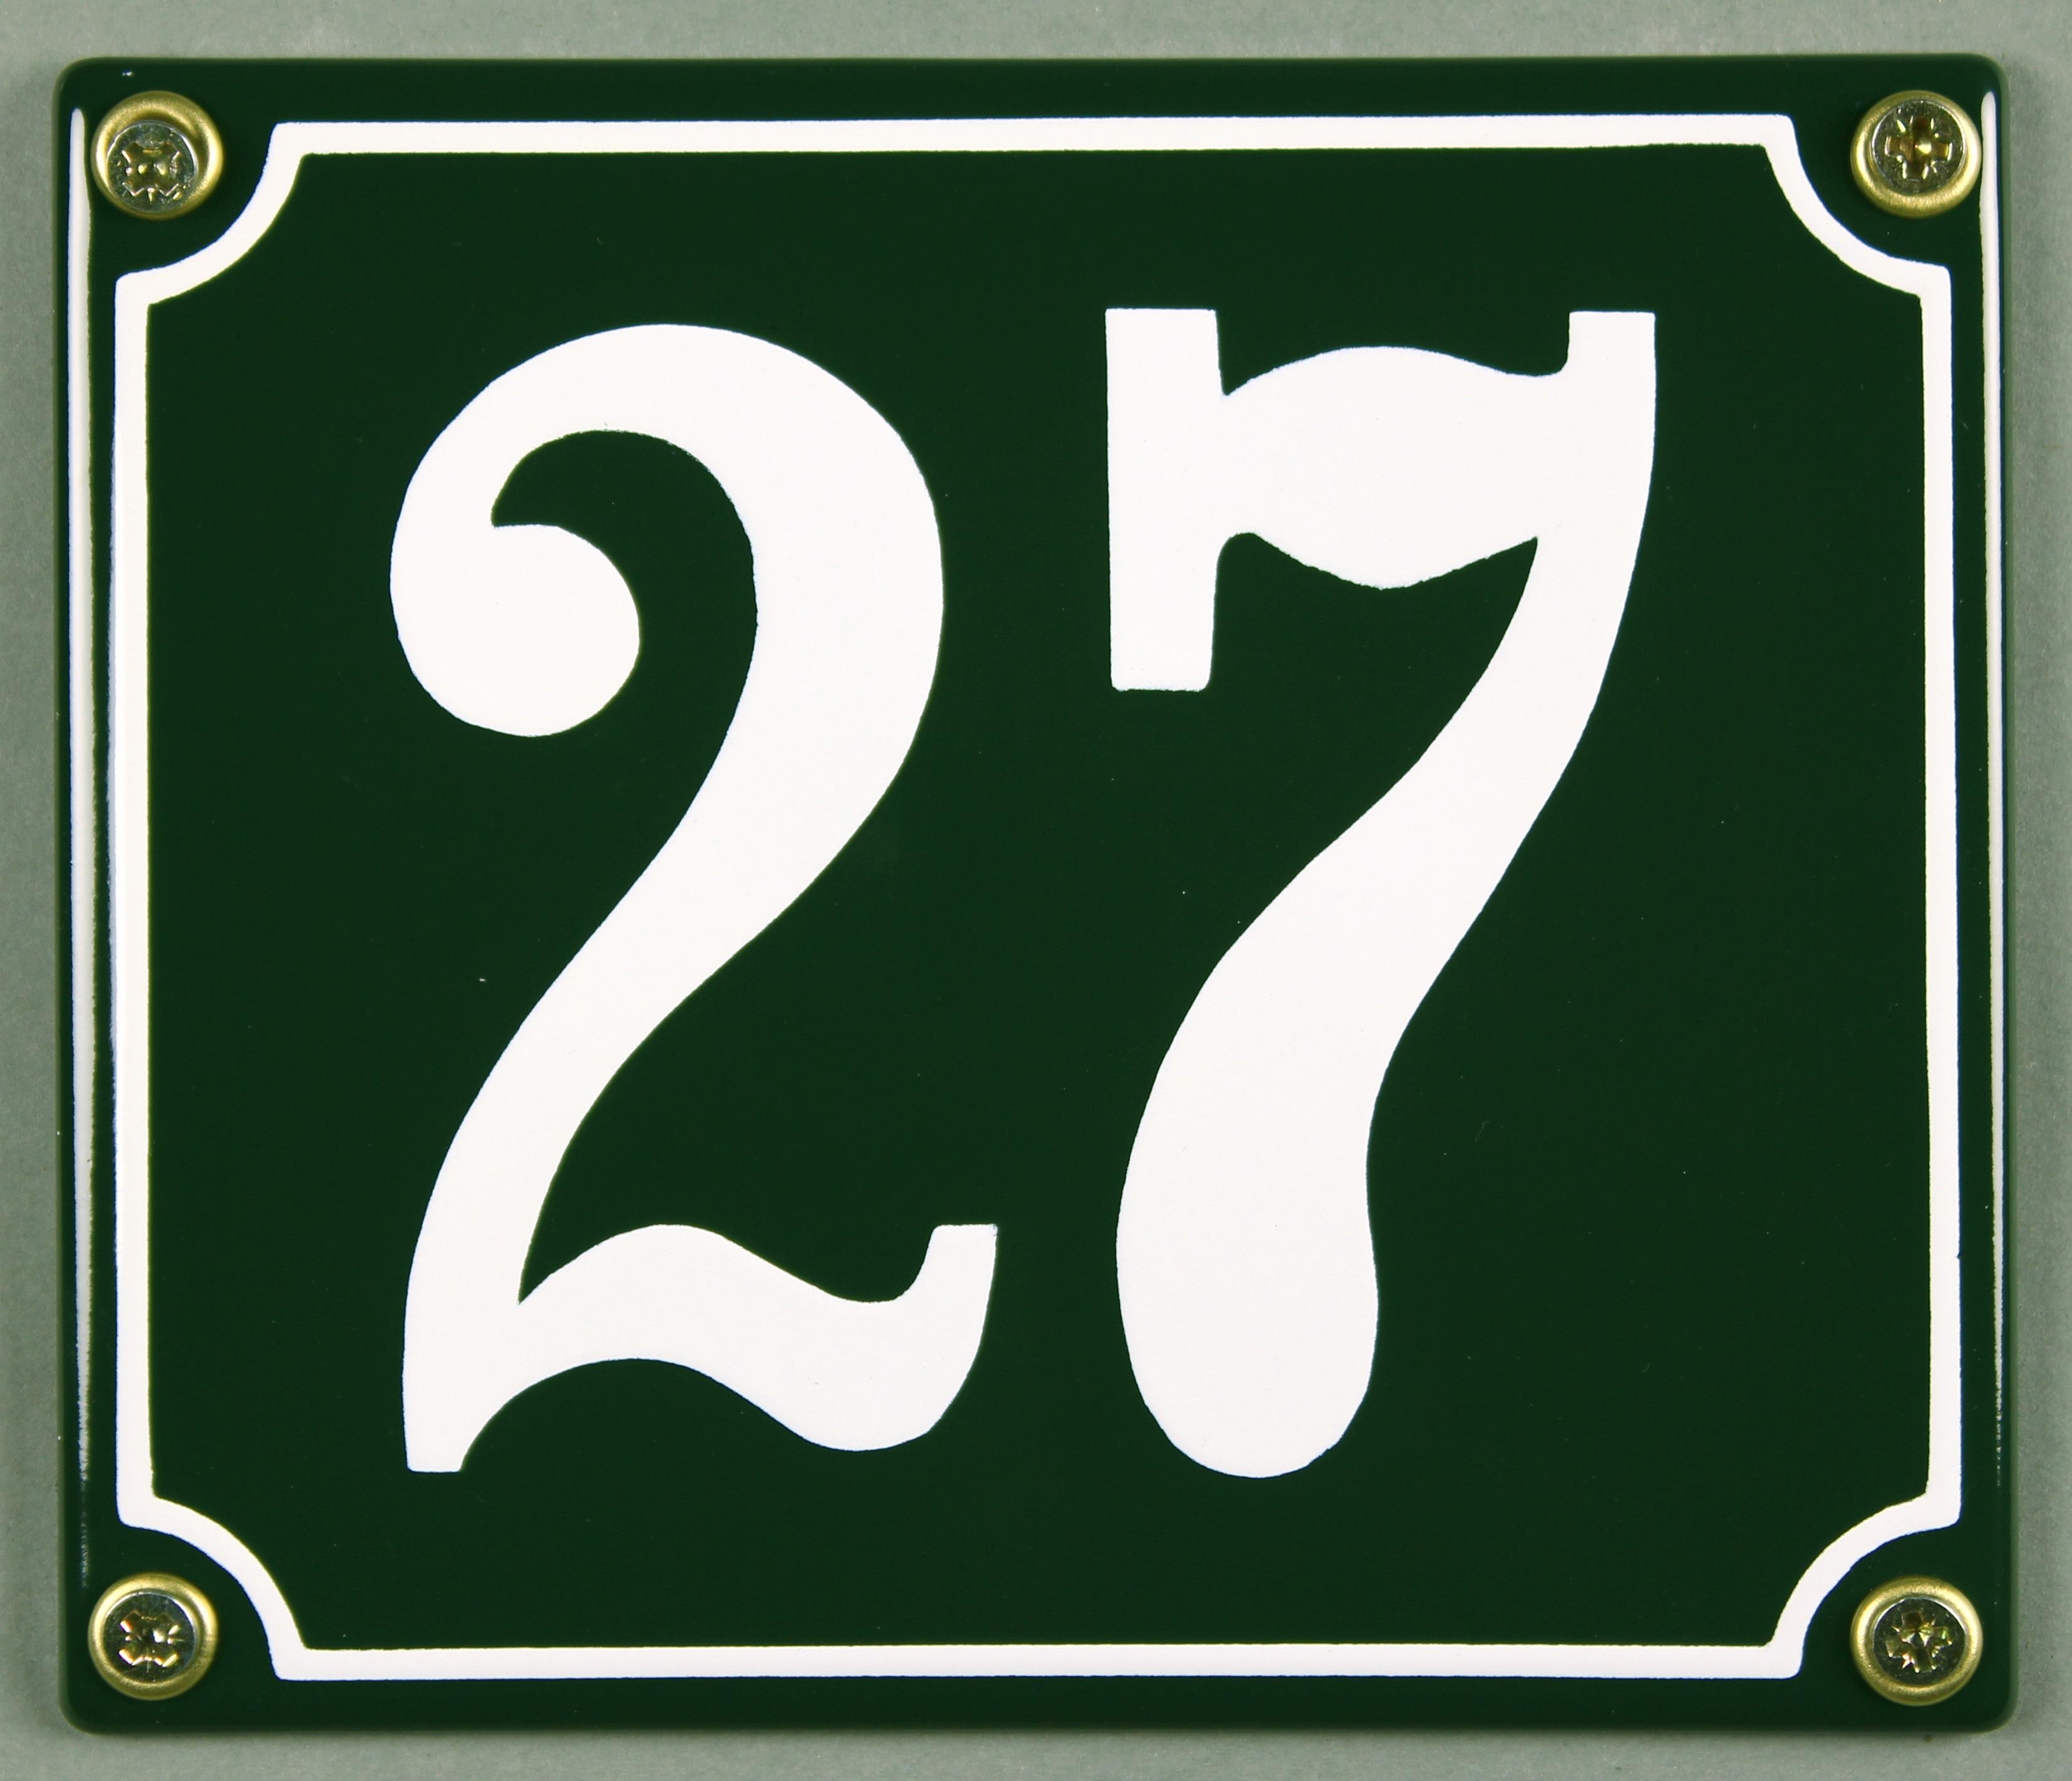 dekorieren 10cm Schwarz House Color : 0, Height : 10cm LHjin-Hausnummern Modern Home Wohnung Zeichen Metall Zink-Legierung 4 T/ürschild Big Au/ßen Adresse Mailbox-Nummern